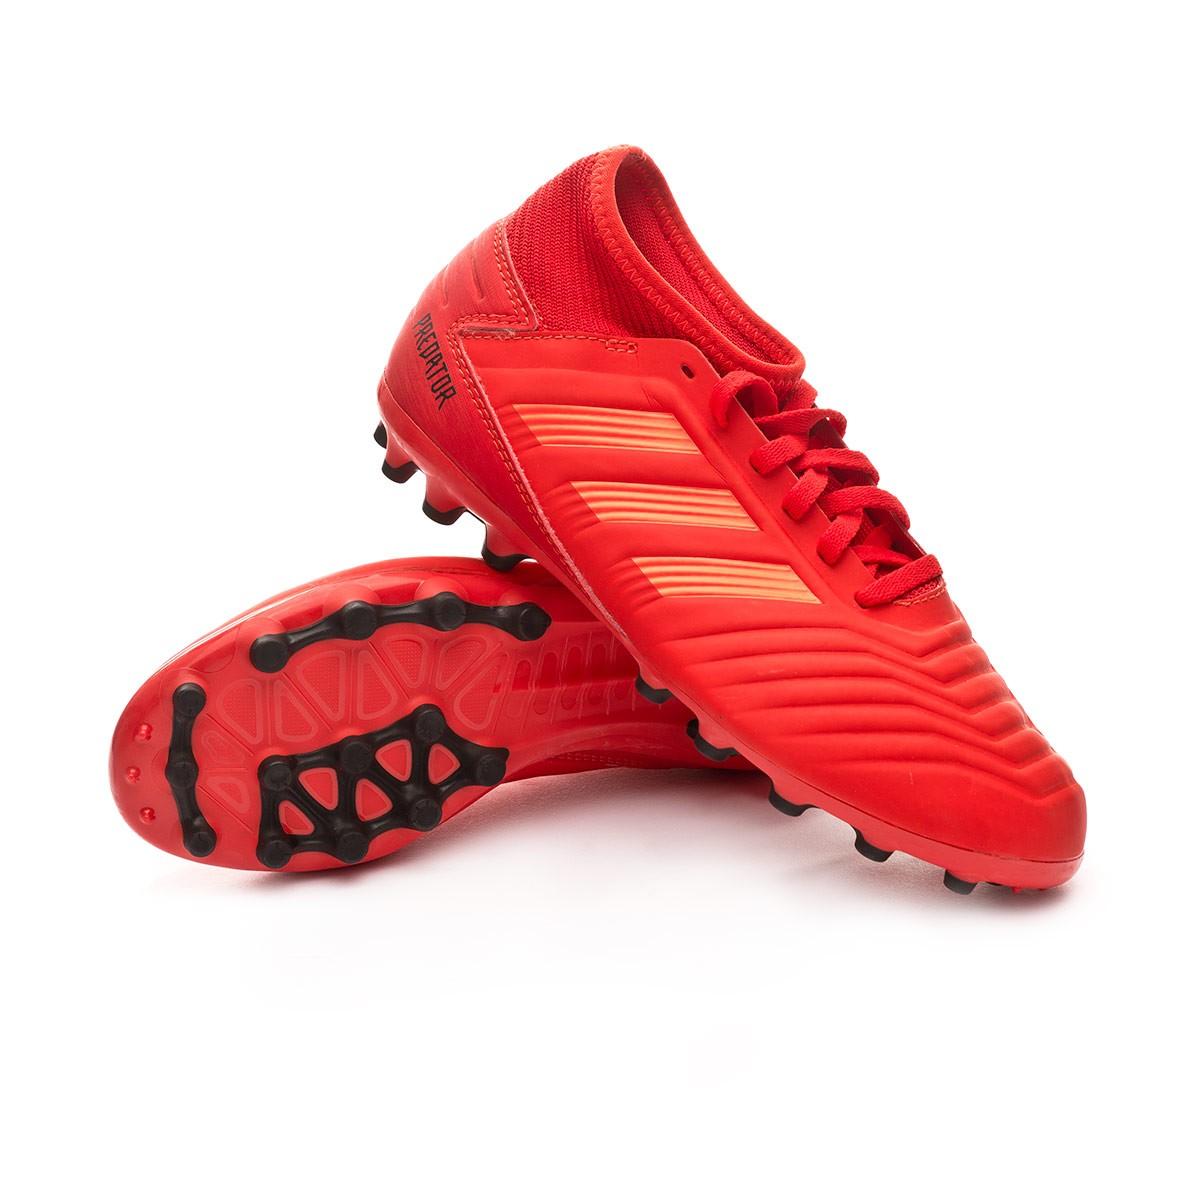 00ecce4dc Football Boots adidas Kids Predator 19.3 AG Active red-Solar red-Core black  - Tienda de fútbol Fútbol Emotion